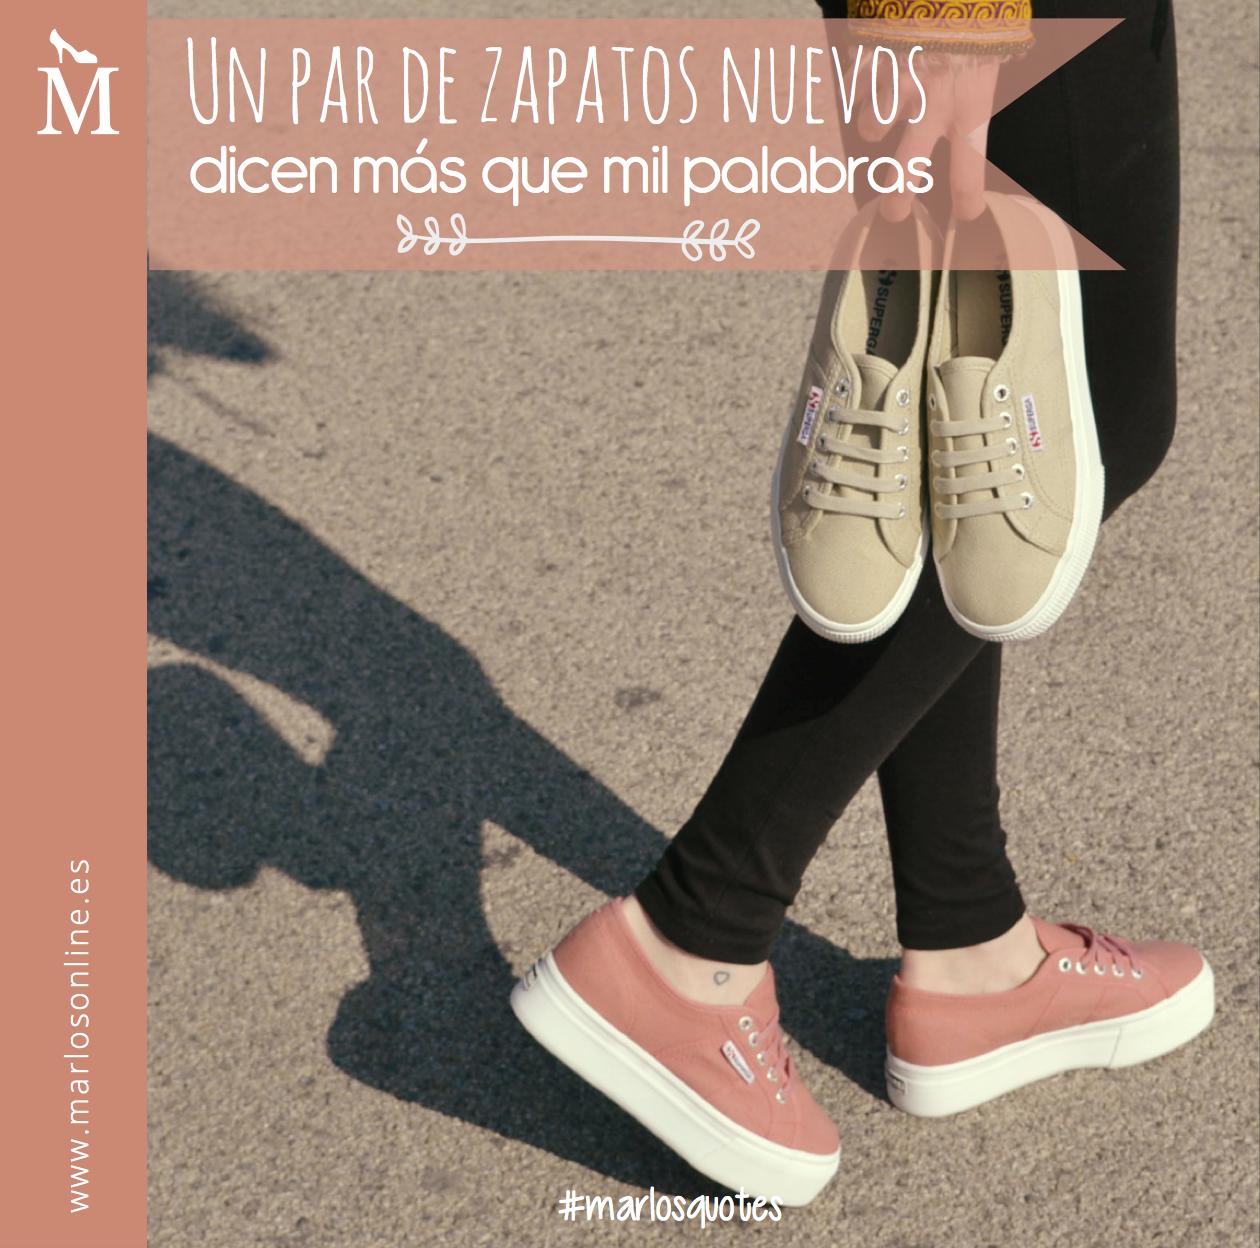 19e8edc04f8f Un par de # zapatos nuevos dicen más que mil palabras. ¡Feliz ...